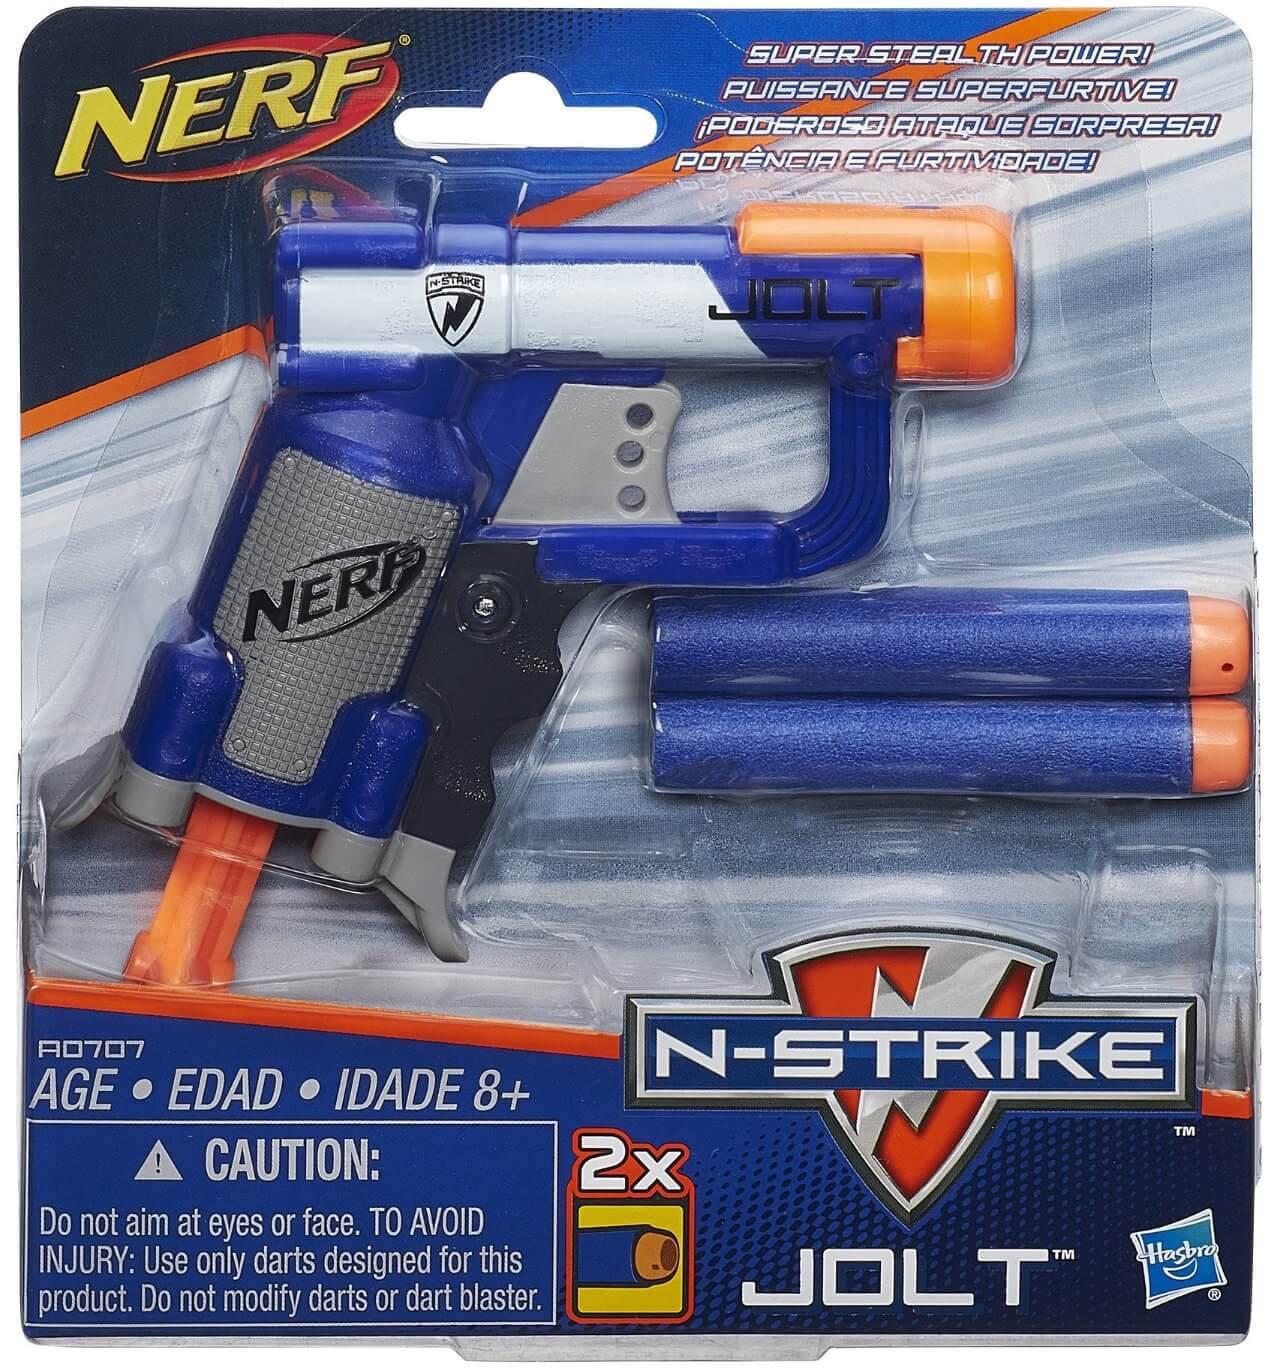 Mua đồ chơi Súng NERF A0707 - Súng NERF N-STRIKE JOLT BLASTER